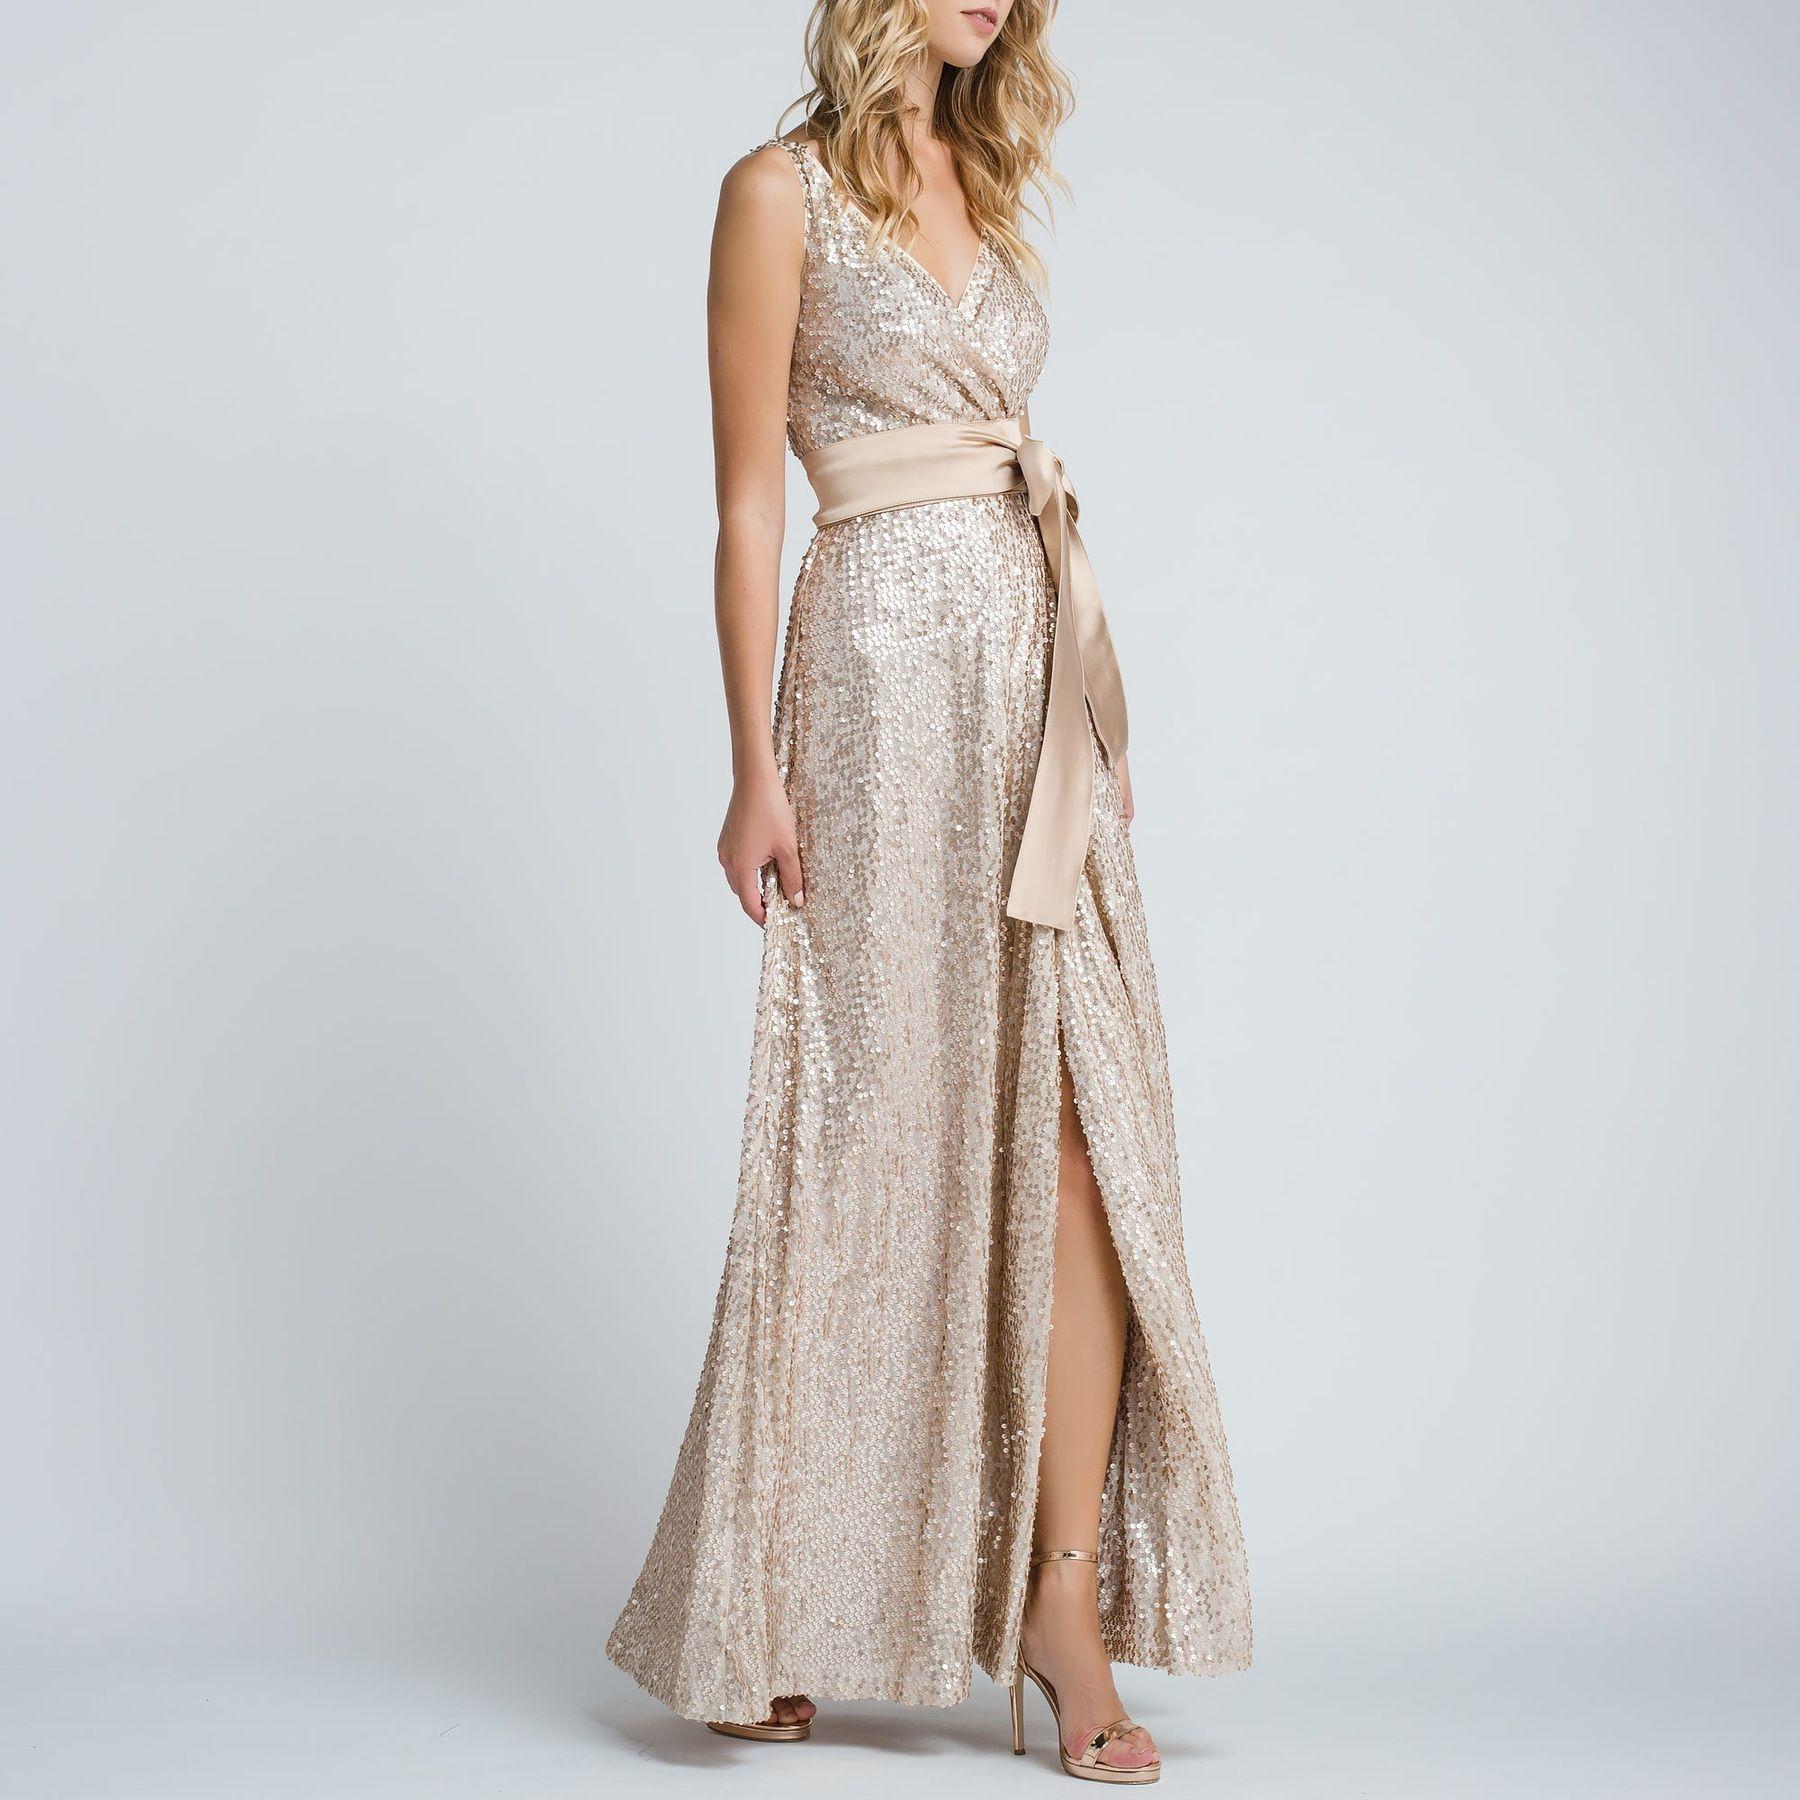 Μακρύ φόρεμα όλο παγιέτα - Access Fashion  1a1a88389f0